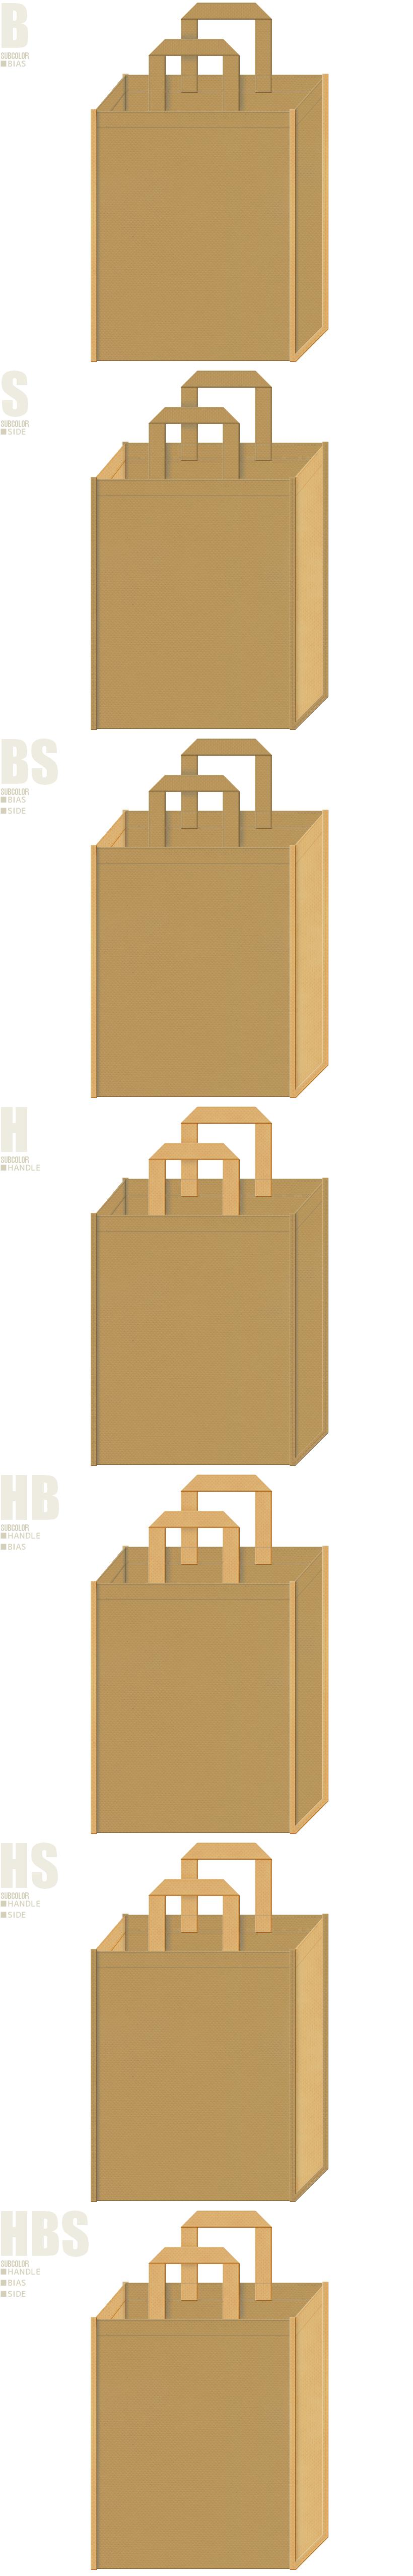 作業用品・日曜大工用品・DIYの展示会用バッグにお奨めの不織布バッグデザイン:金黄土色と薄黄土色の不織布バッグ配色7パターン。